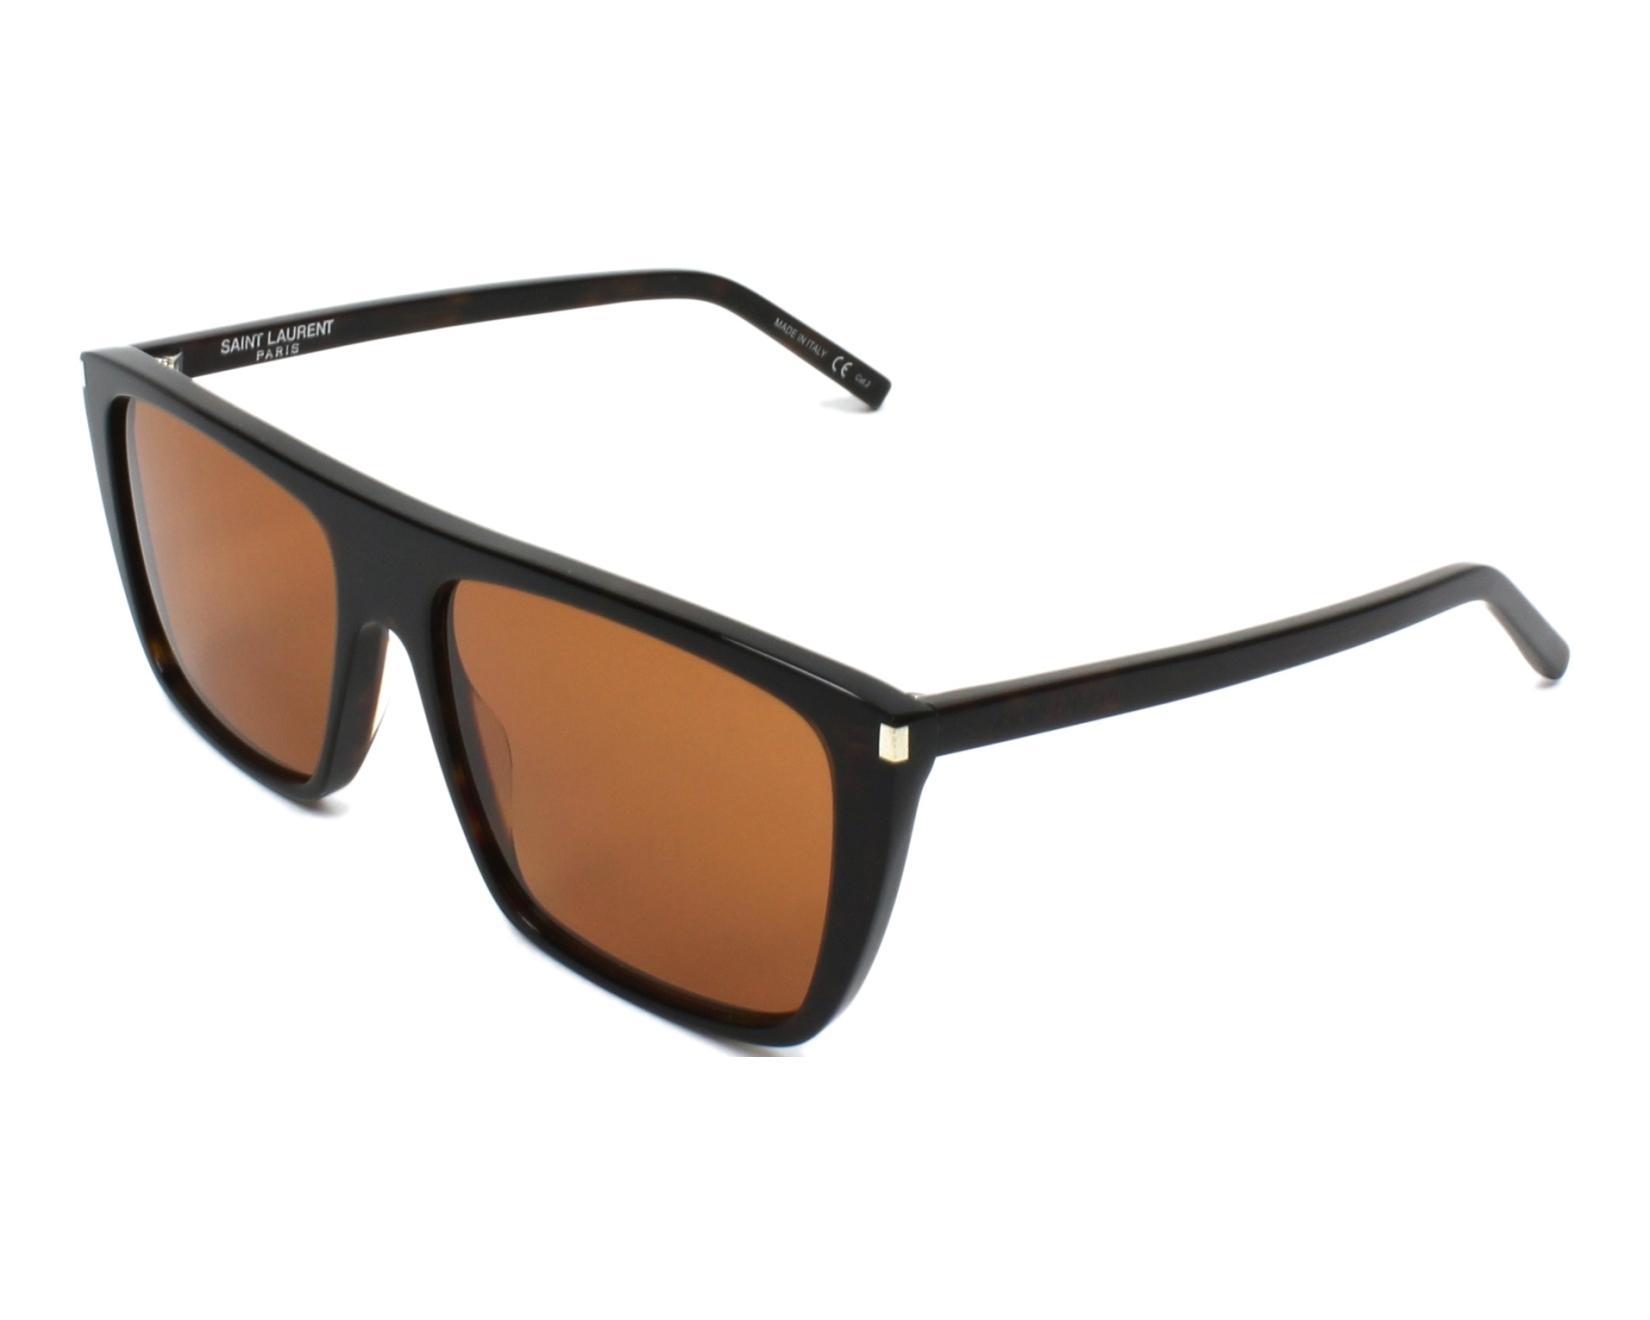 Yves saint laurent sunglasses sl 156 004 havana visionet for Miroir yves saint laurent